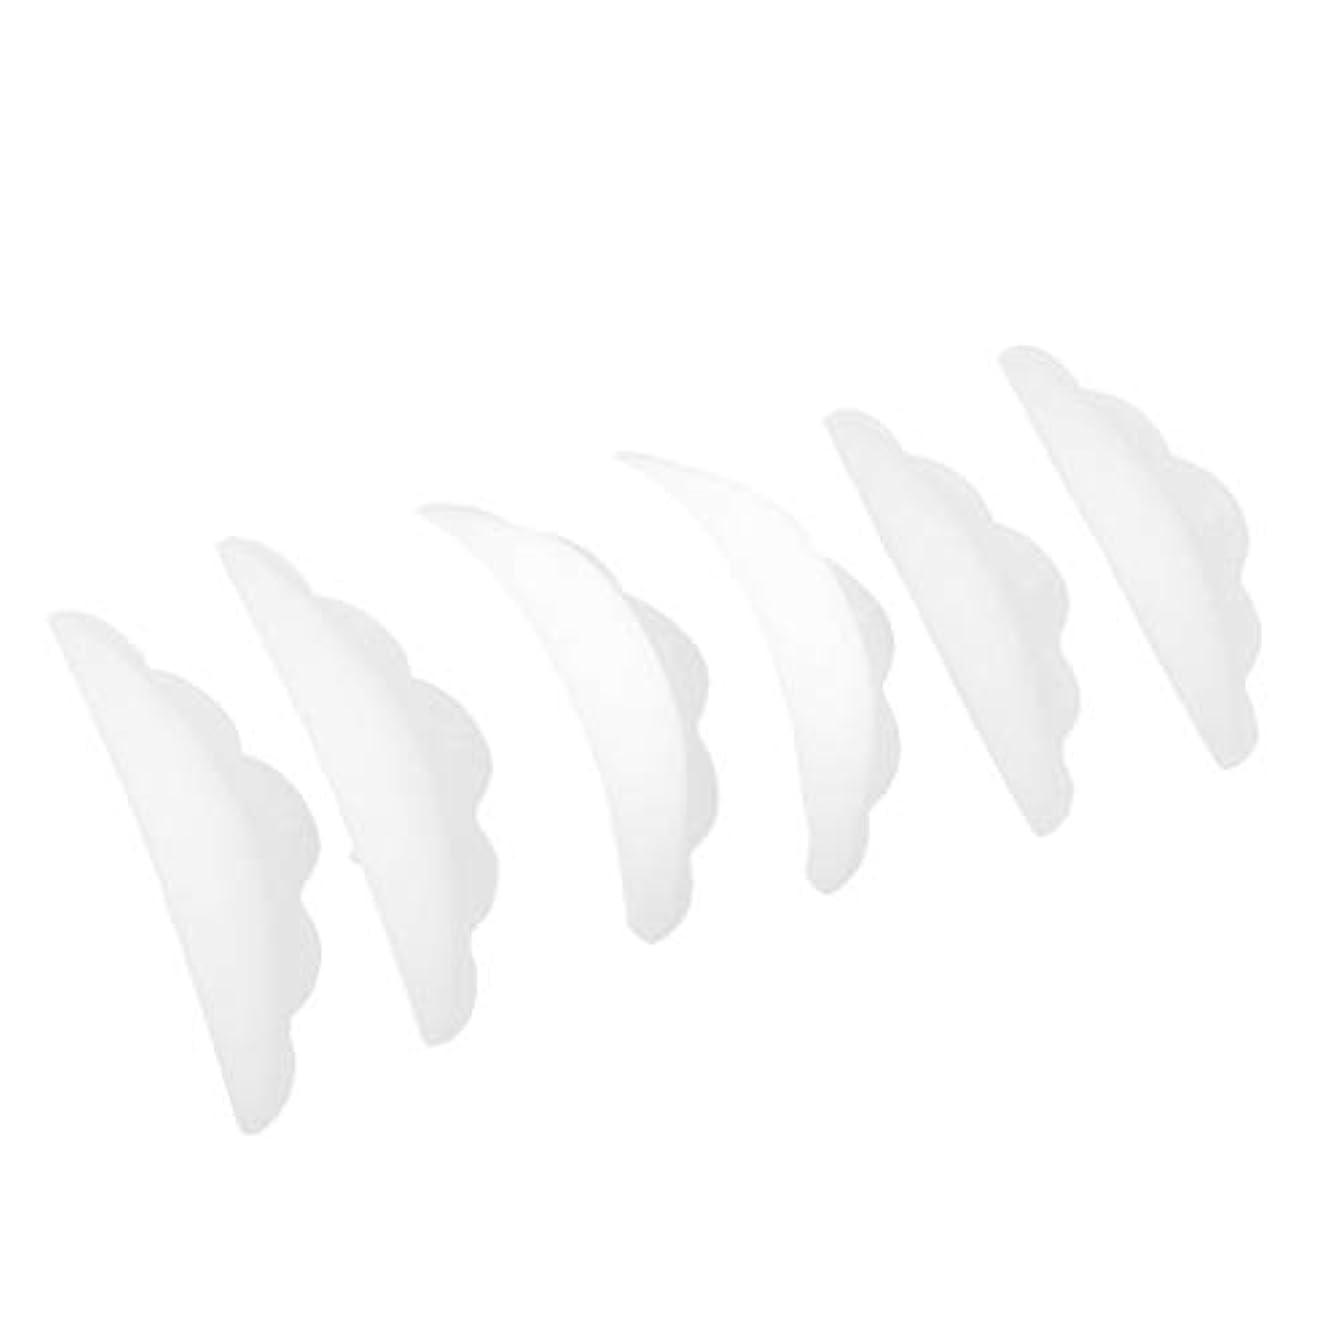 オーケストラ環境ハンマーB Baosity 3ペア まつげパーマ シリコンパッド メイクアップ アイメイク